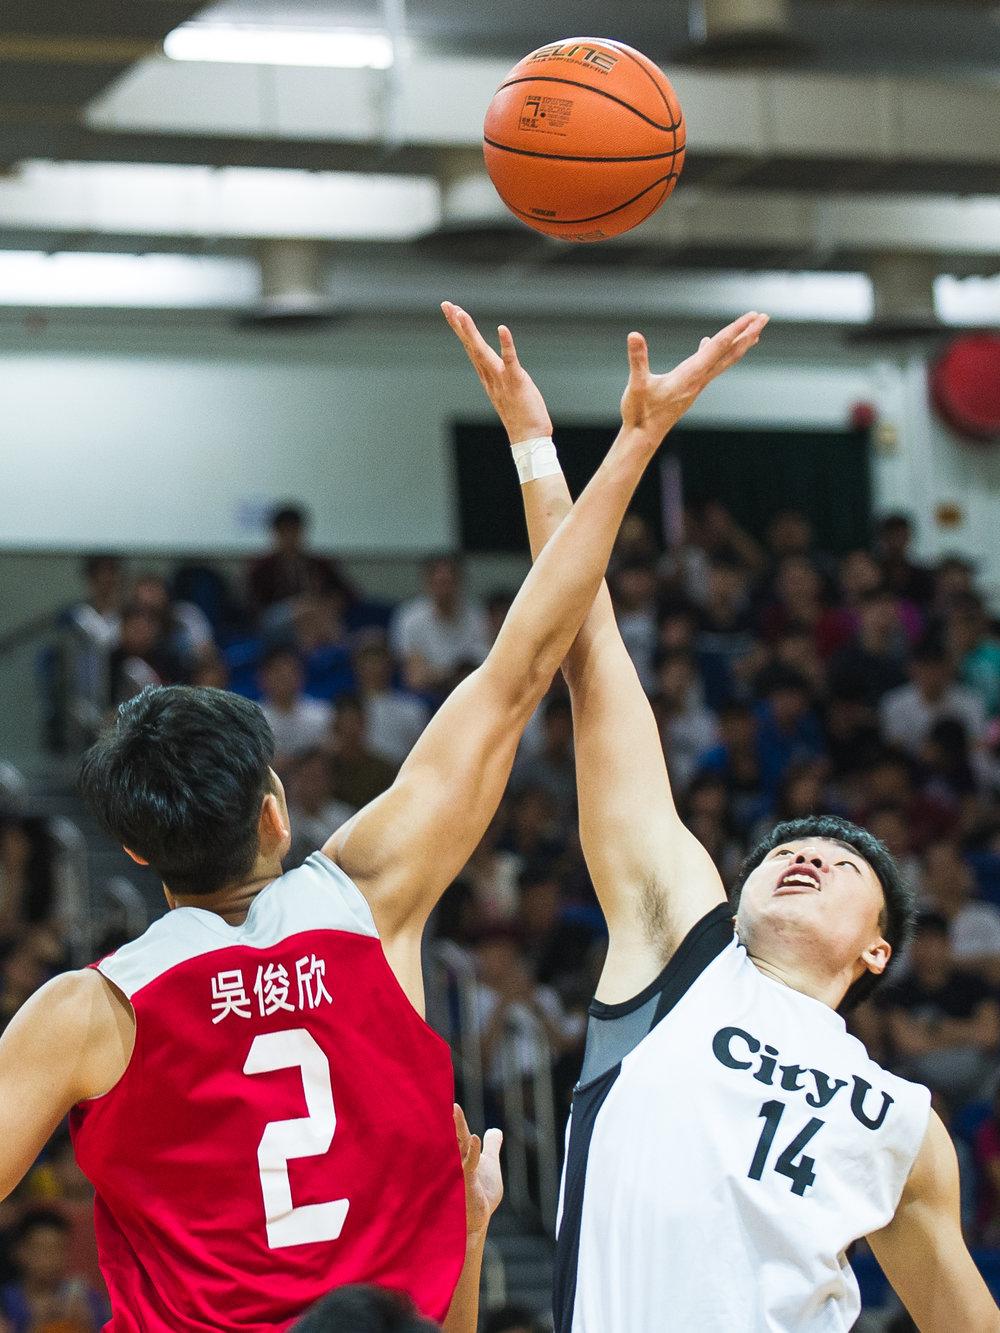 大專籃球決賽日 USFHK Men's Basketball Final on 2016 April 17th   PolyU Men's Basketball Team  98 : 59 CityU 城市大學